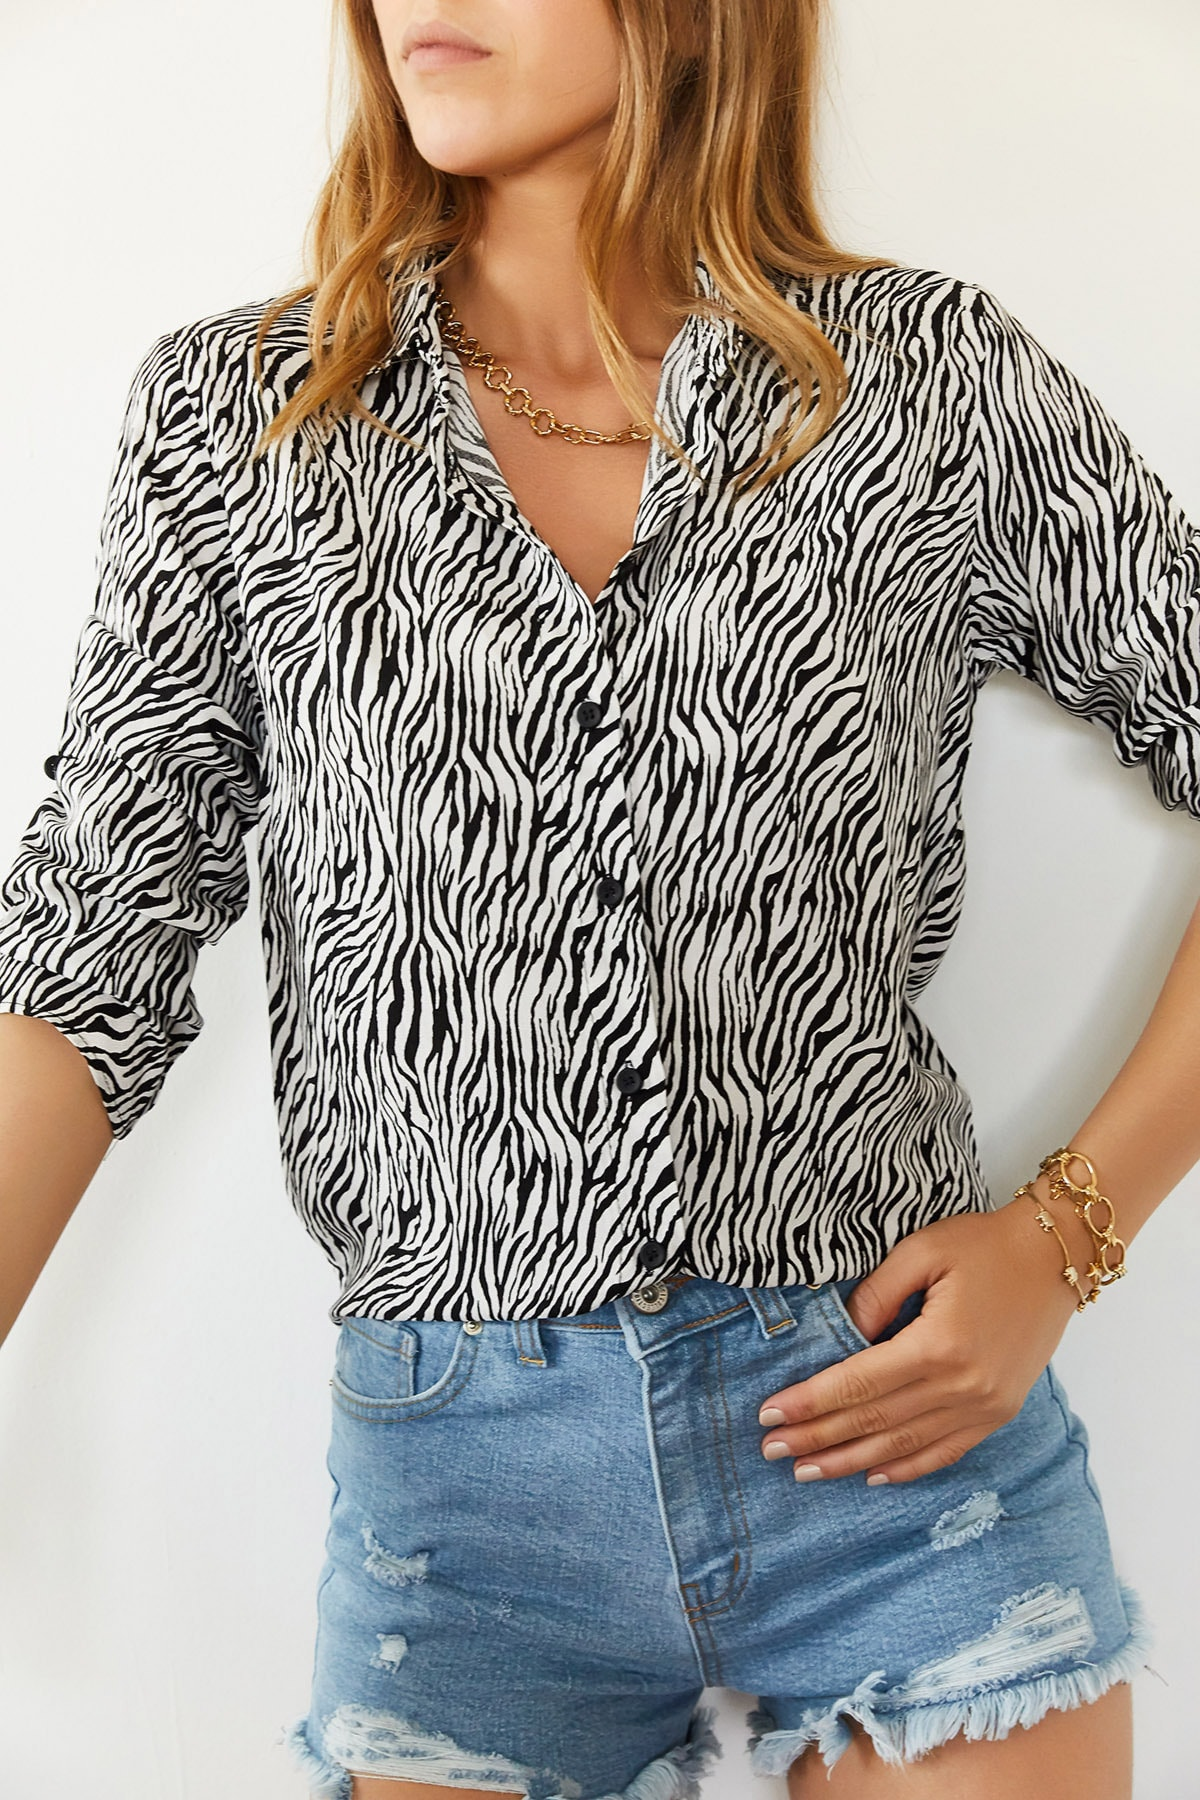 Xhan Kadın Siyah & Beyaz Desenli Yarasa Kol Gömlek 0YXK2-43946-02 8699443946021